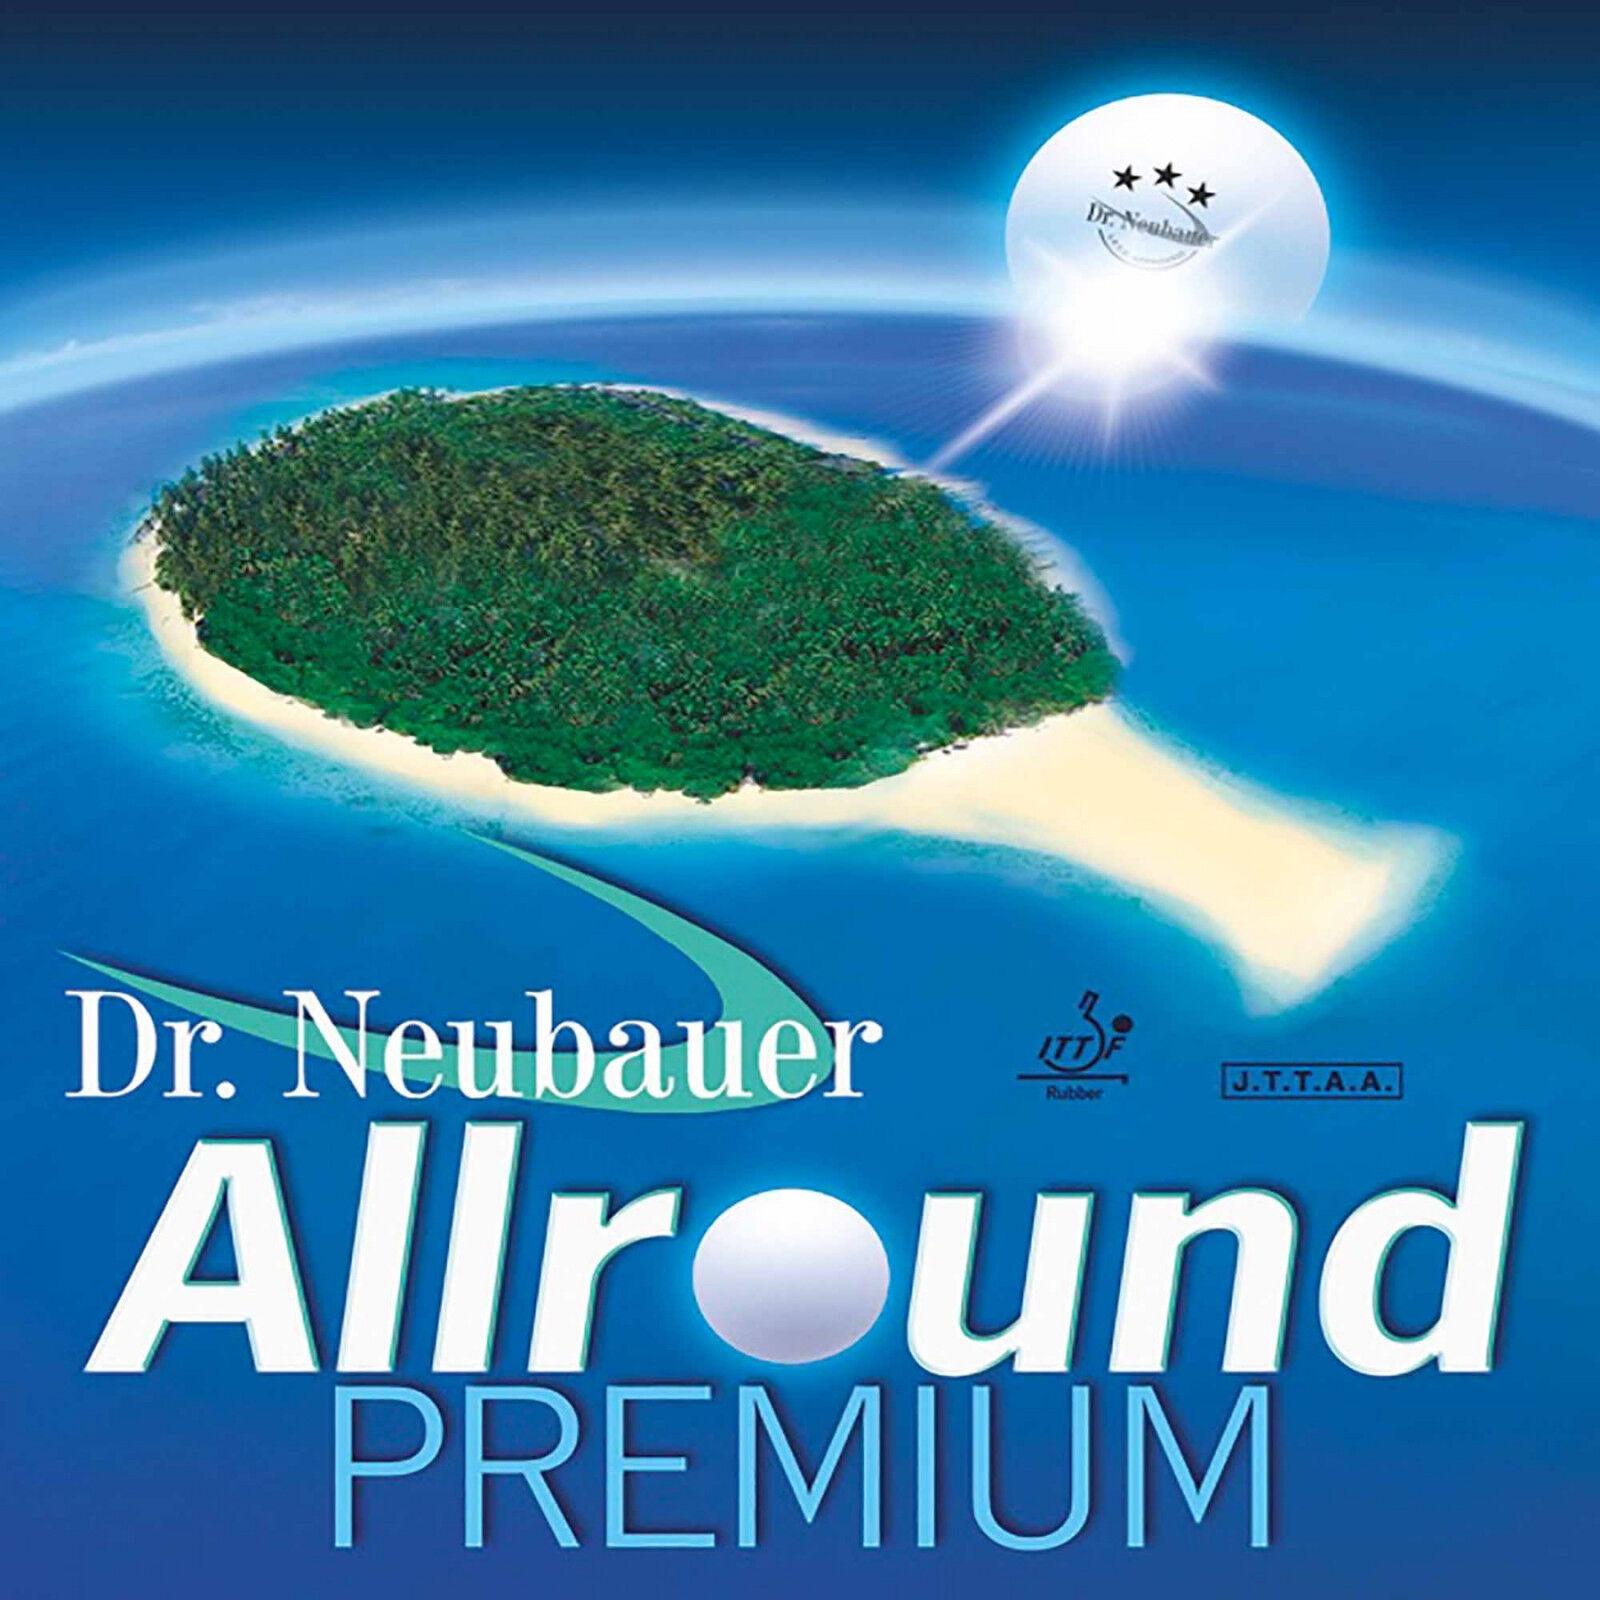 Dr. Neubauer Allround Allround Allround Spezialbehandelt und sehr langsam, r s, OX, neu, OVP  | Kostengünstig  | Räumungsverkauf  | Elegante und robuste Verpackung  f7a3b4